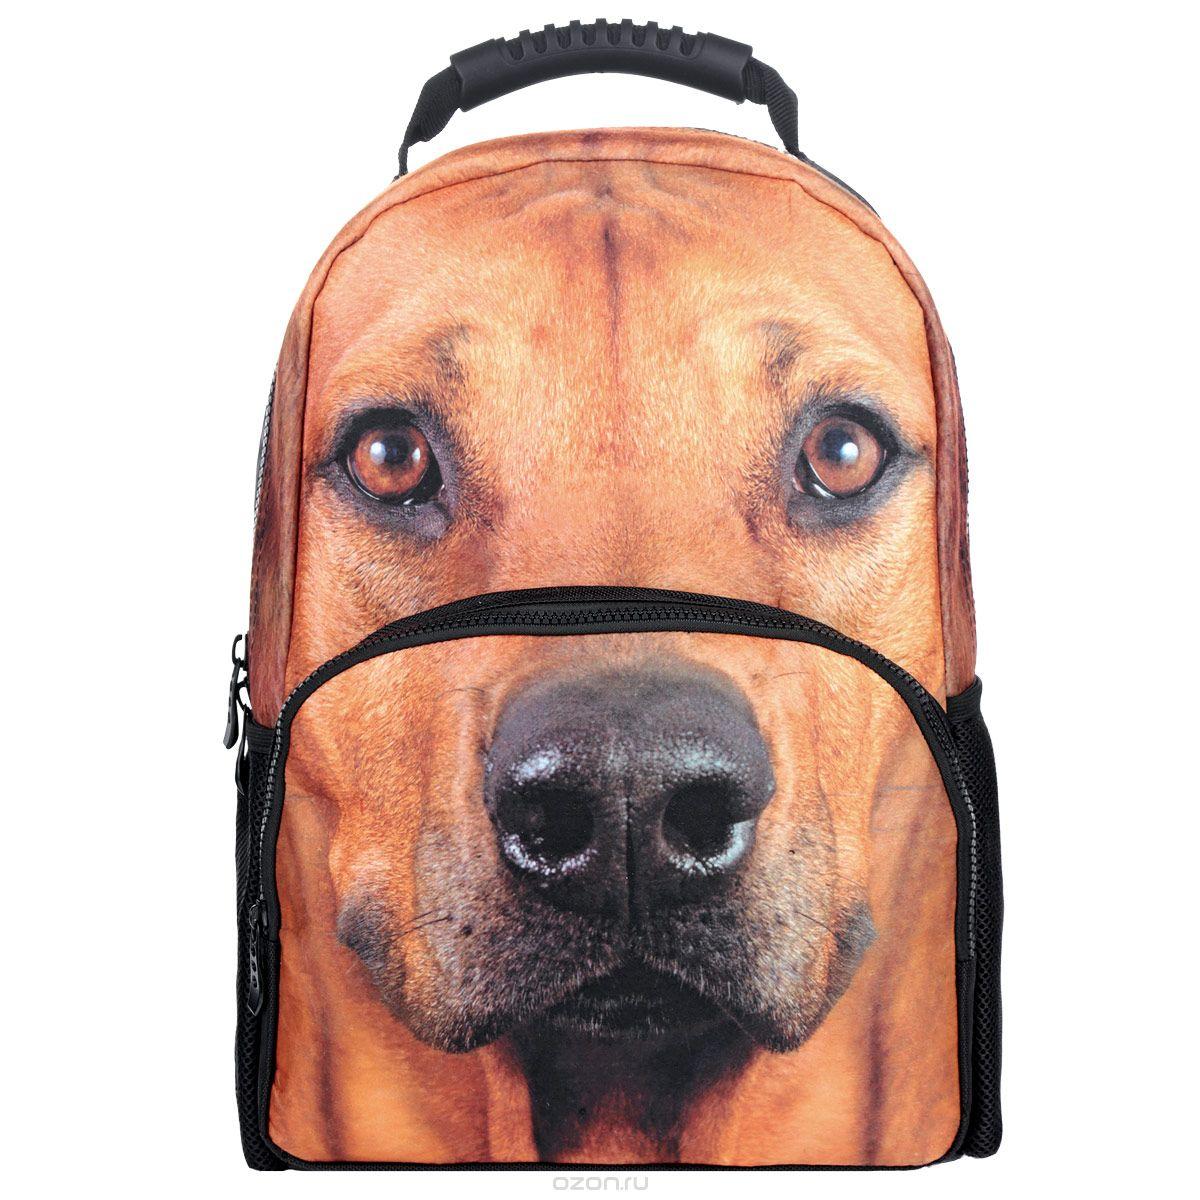 Рюкзак школьный Trend Line Ridge, цвет: черный. NR_00047NR_00047Стильный школьный рюкзак Trend Line Ridge выполнен из полиэстера, дополнен вставкой из флиса, которая оформлена художественной печатью. Рюкзак имеет одно основное отделение, закрывающееся на застежку-молнию. Снаружи, на лицевой стороне, рюкзака размещен накладной карман на молнии, внутри которого предусмотрен еще один накладной карман на липучке. С двух сторон изделия расположены два накладных сетчатых кармашка. В верхней части изделия предусмотрена эргономичная ручка для переноски, а также предусмотрены регулируемые лямки. Такой рюкзак станет незаменимым спутником вашего ребенка в походах за знаниями.